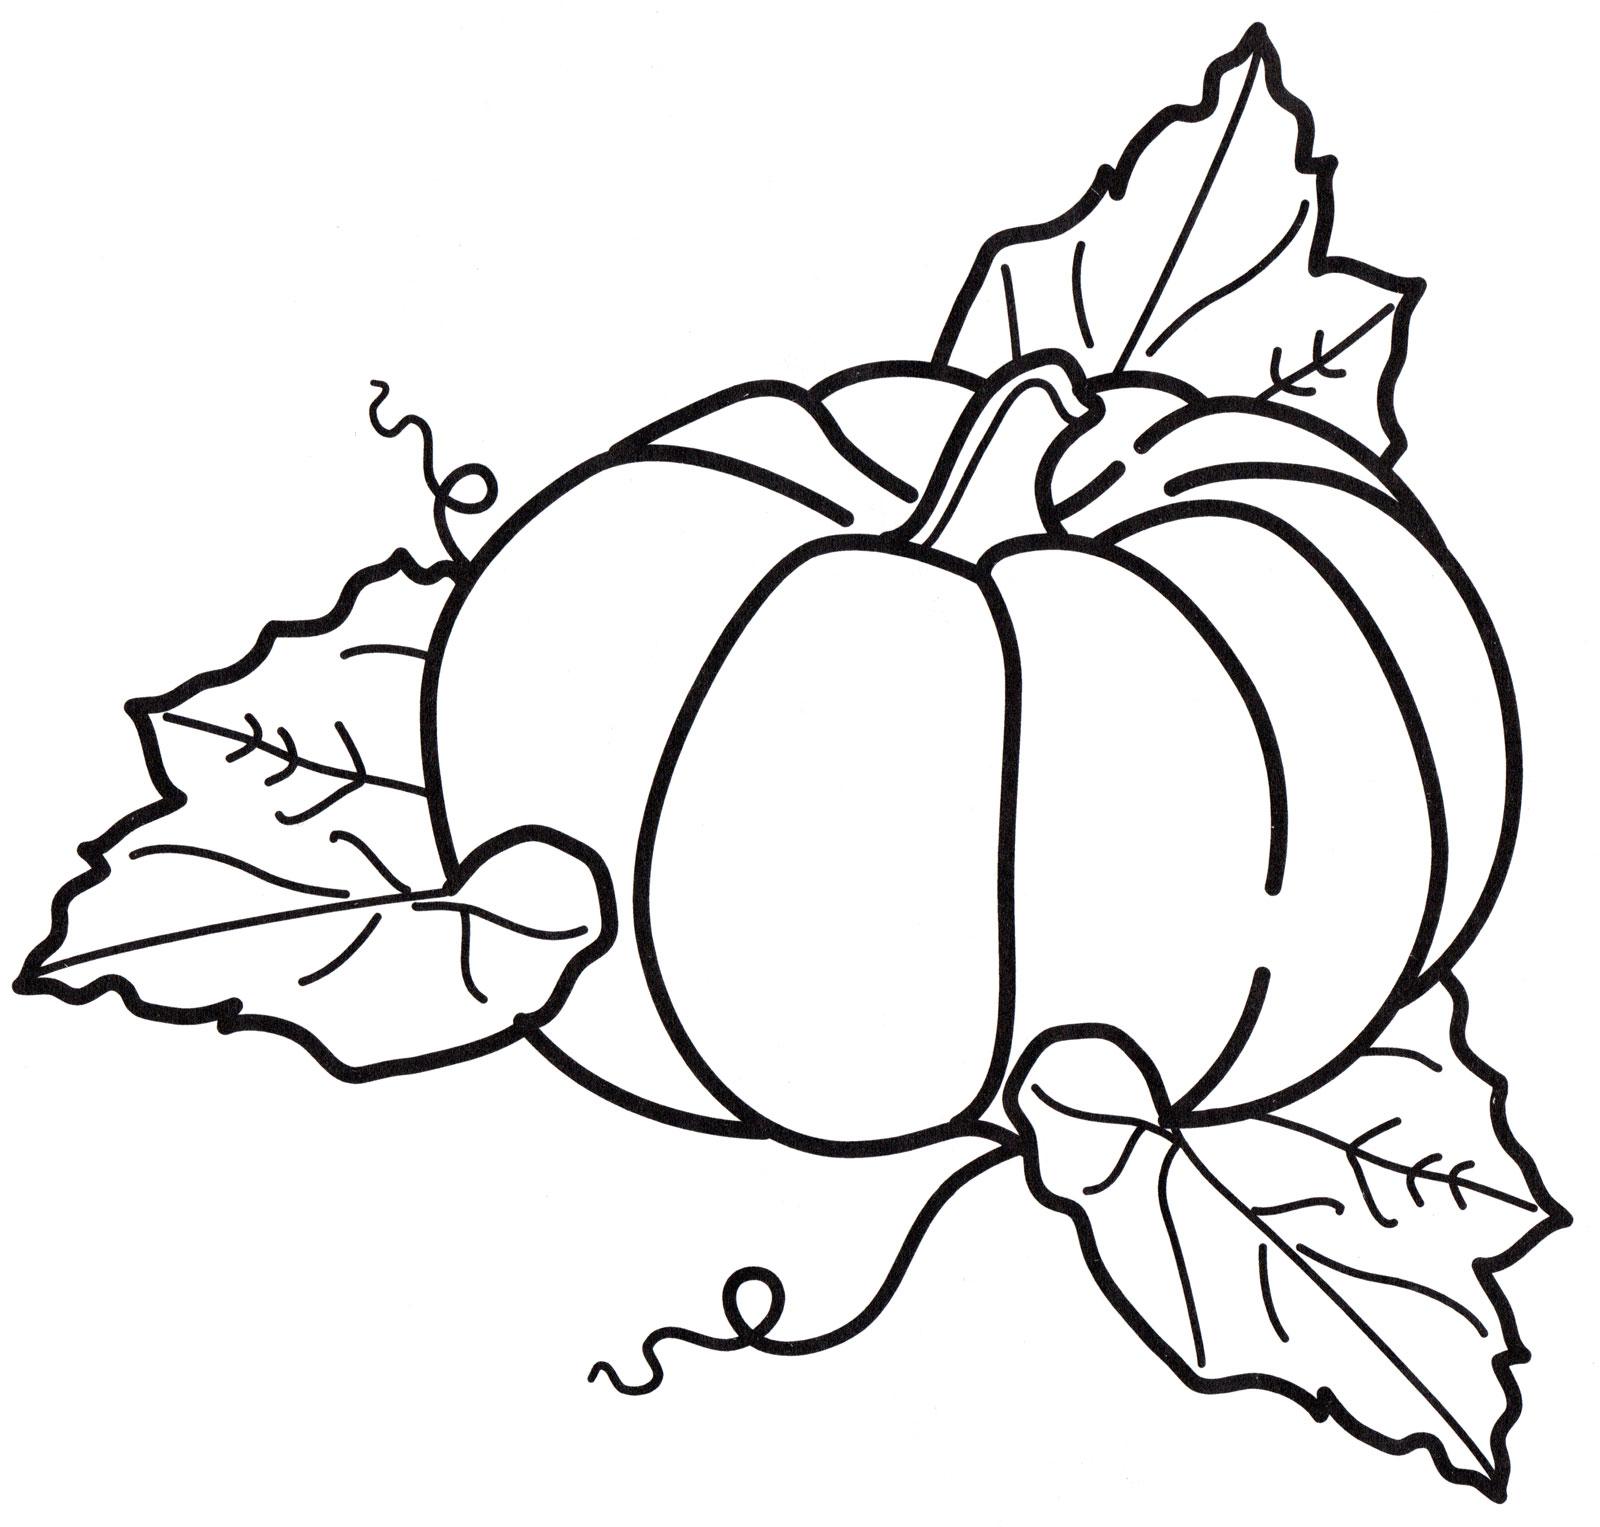 Раскраска Тыква в листьях - распечатать бесплатно